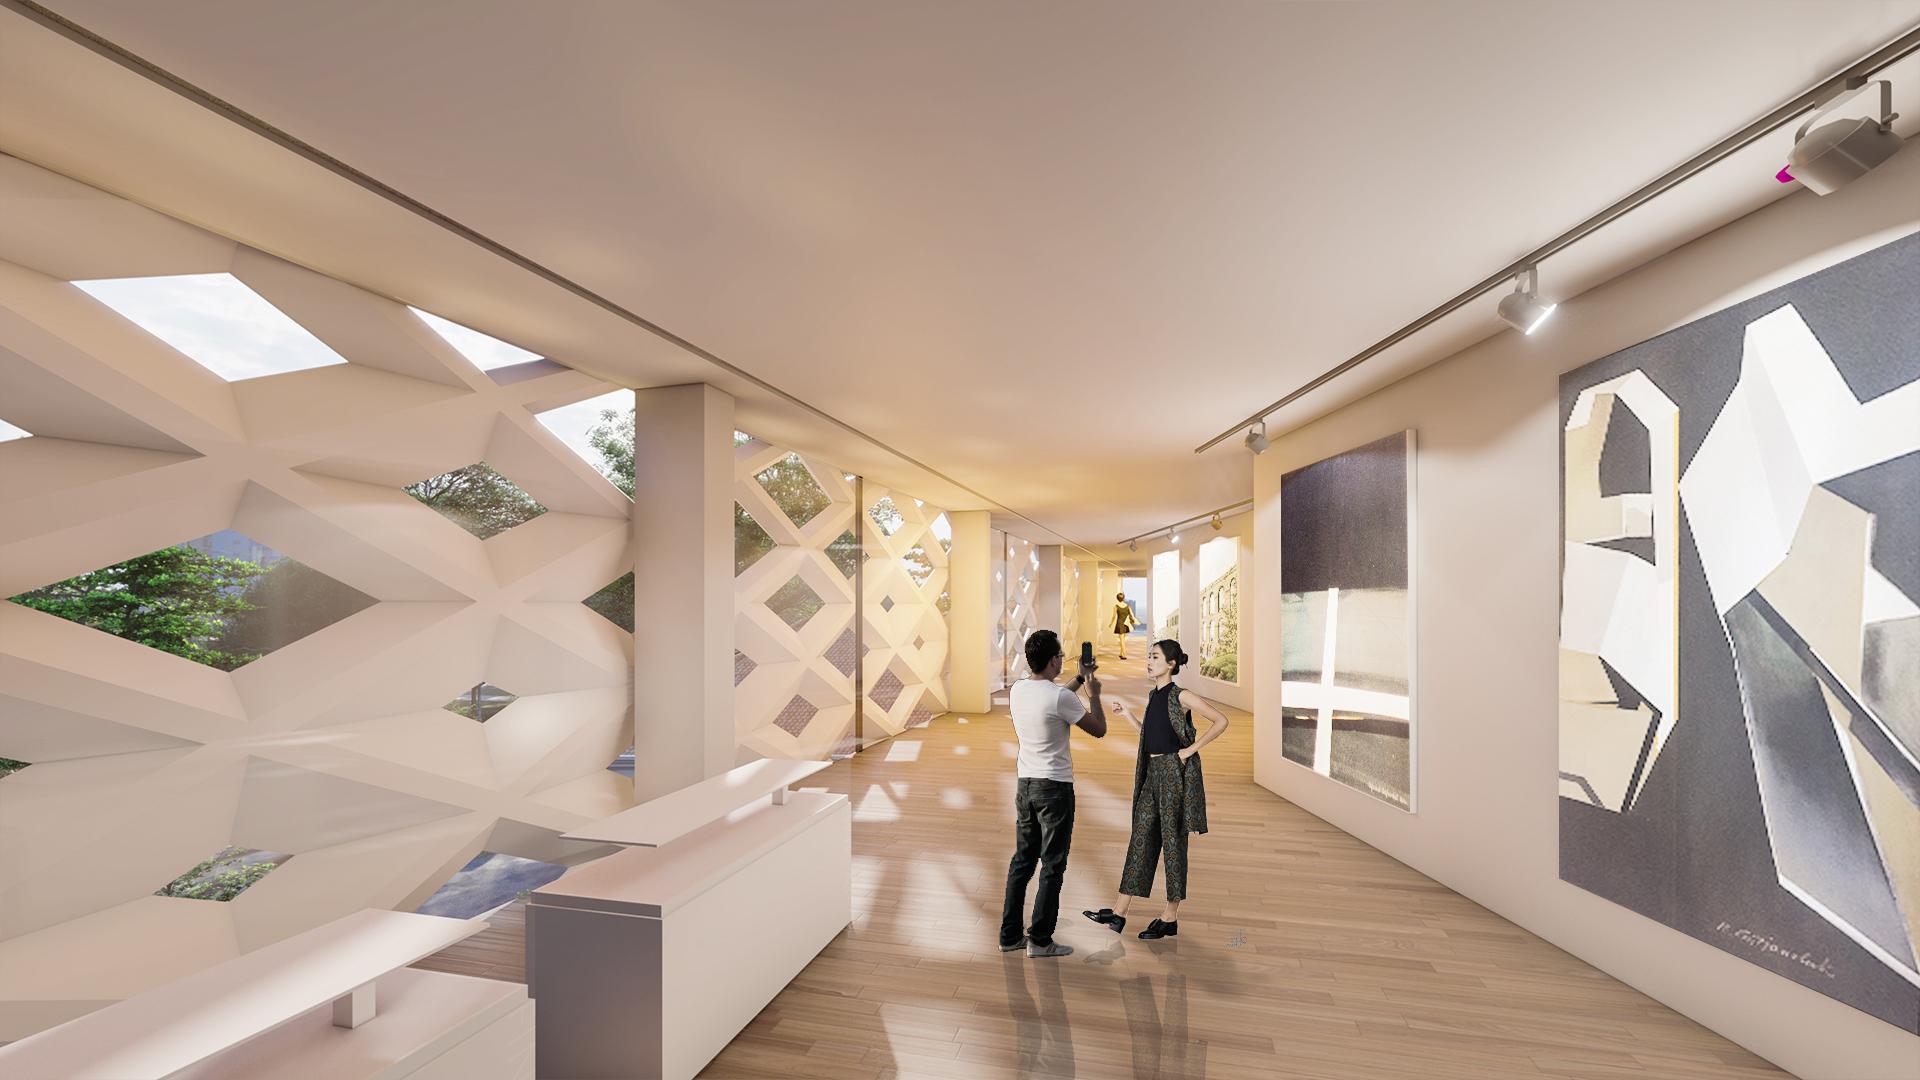 interior design or architecture